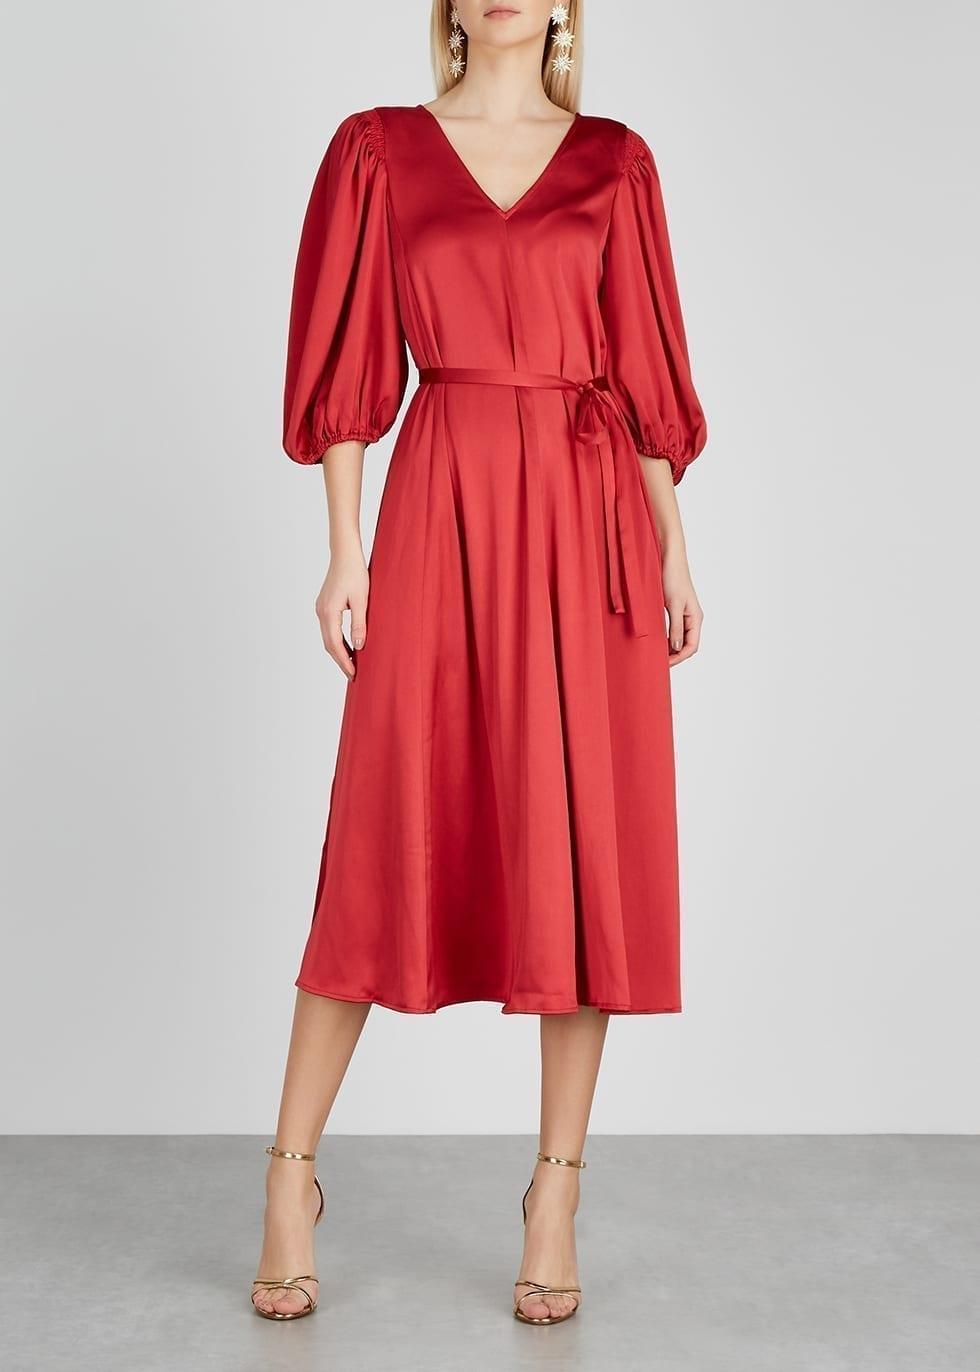 STINE GOYA Marlen Red Satin Midi Dress